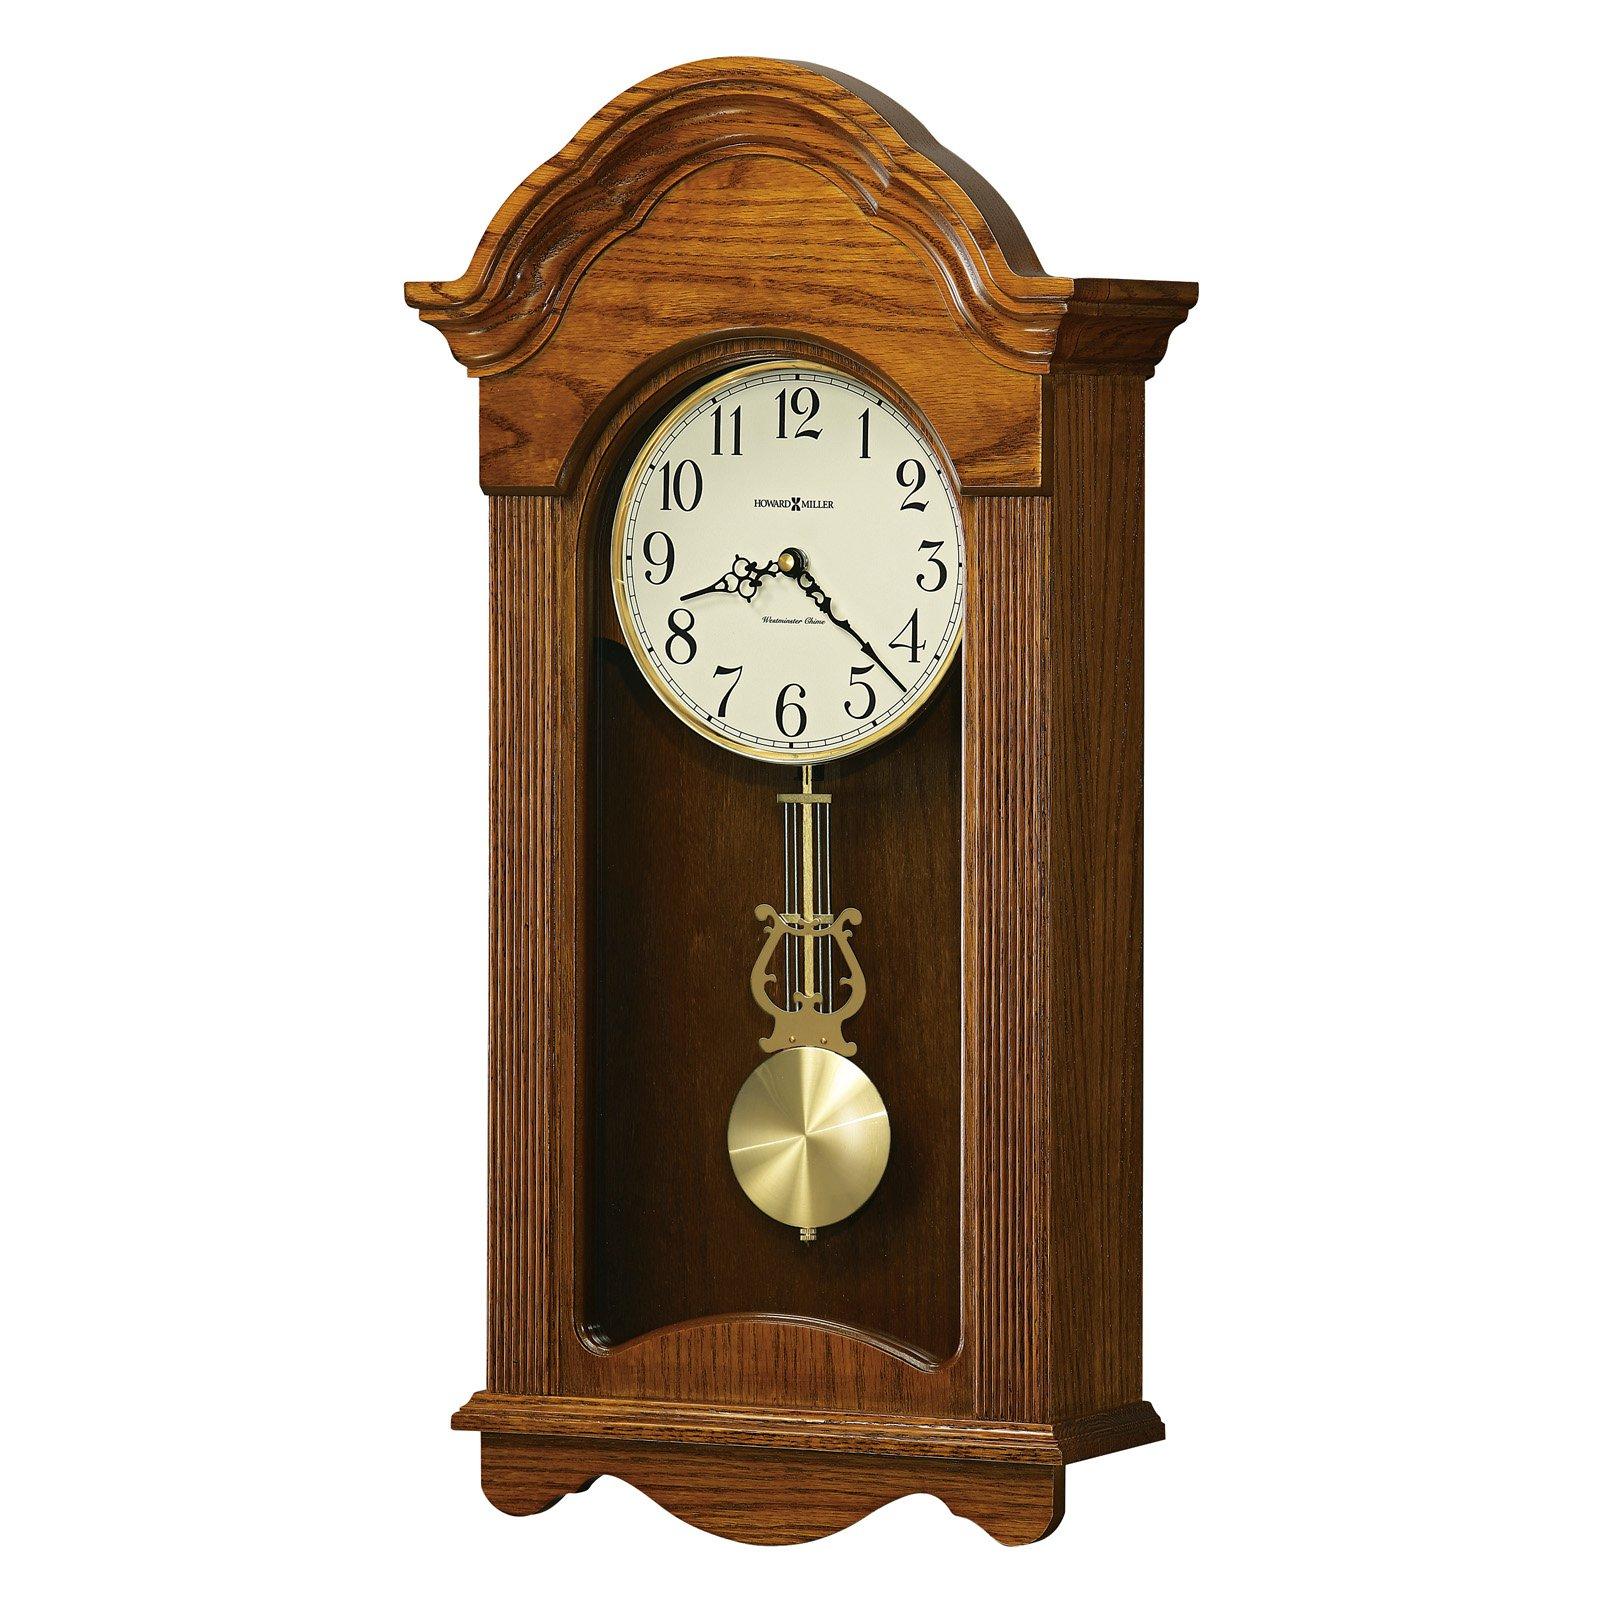 Howard Miller 625-467 Jayla Wall Clock 12.25-in. Wide by Howard Miller